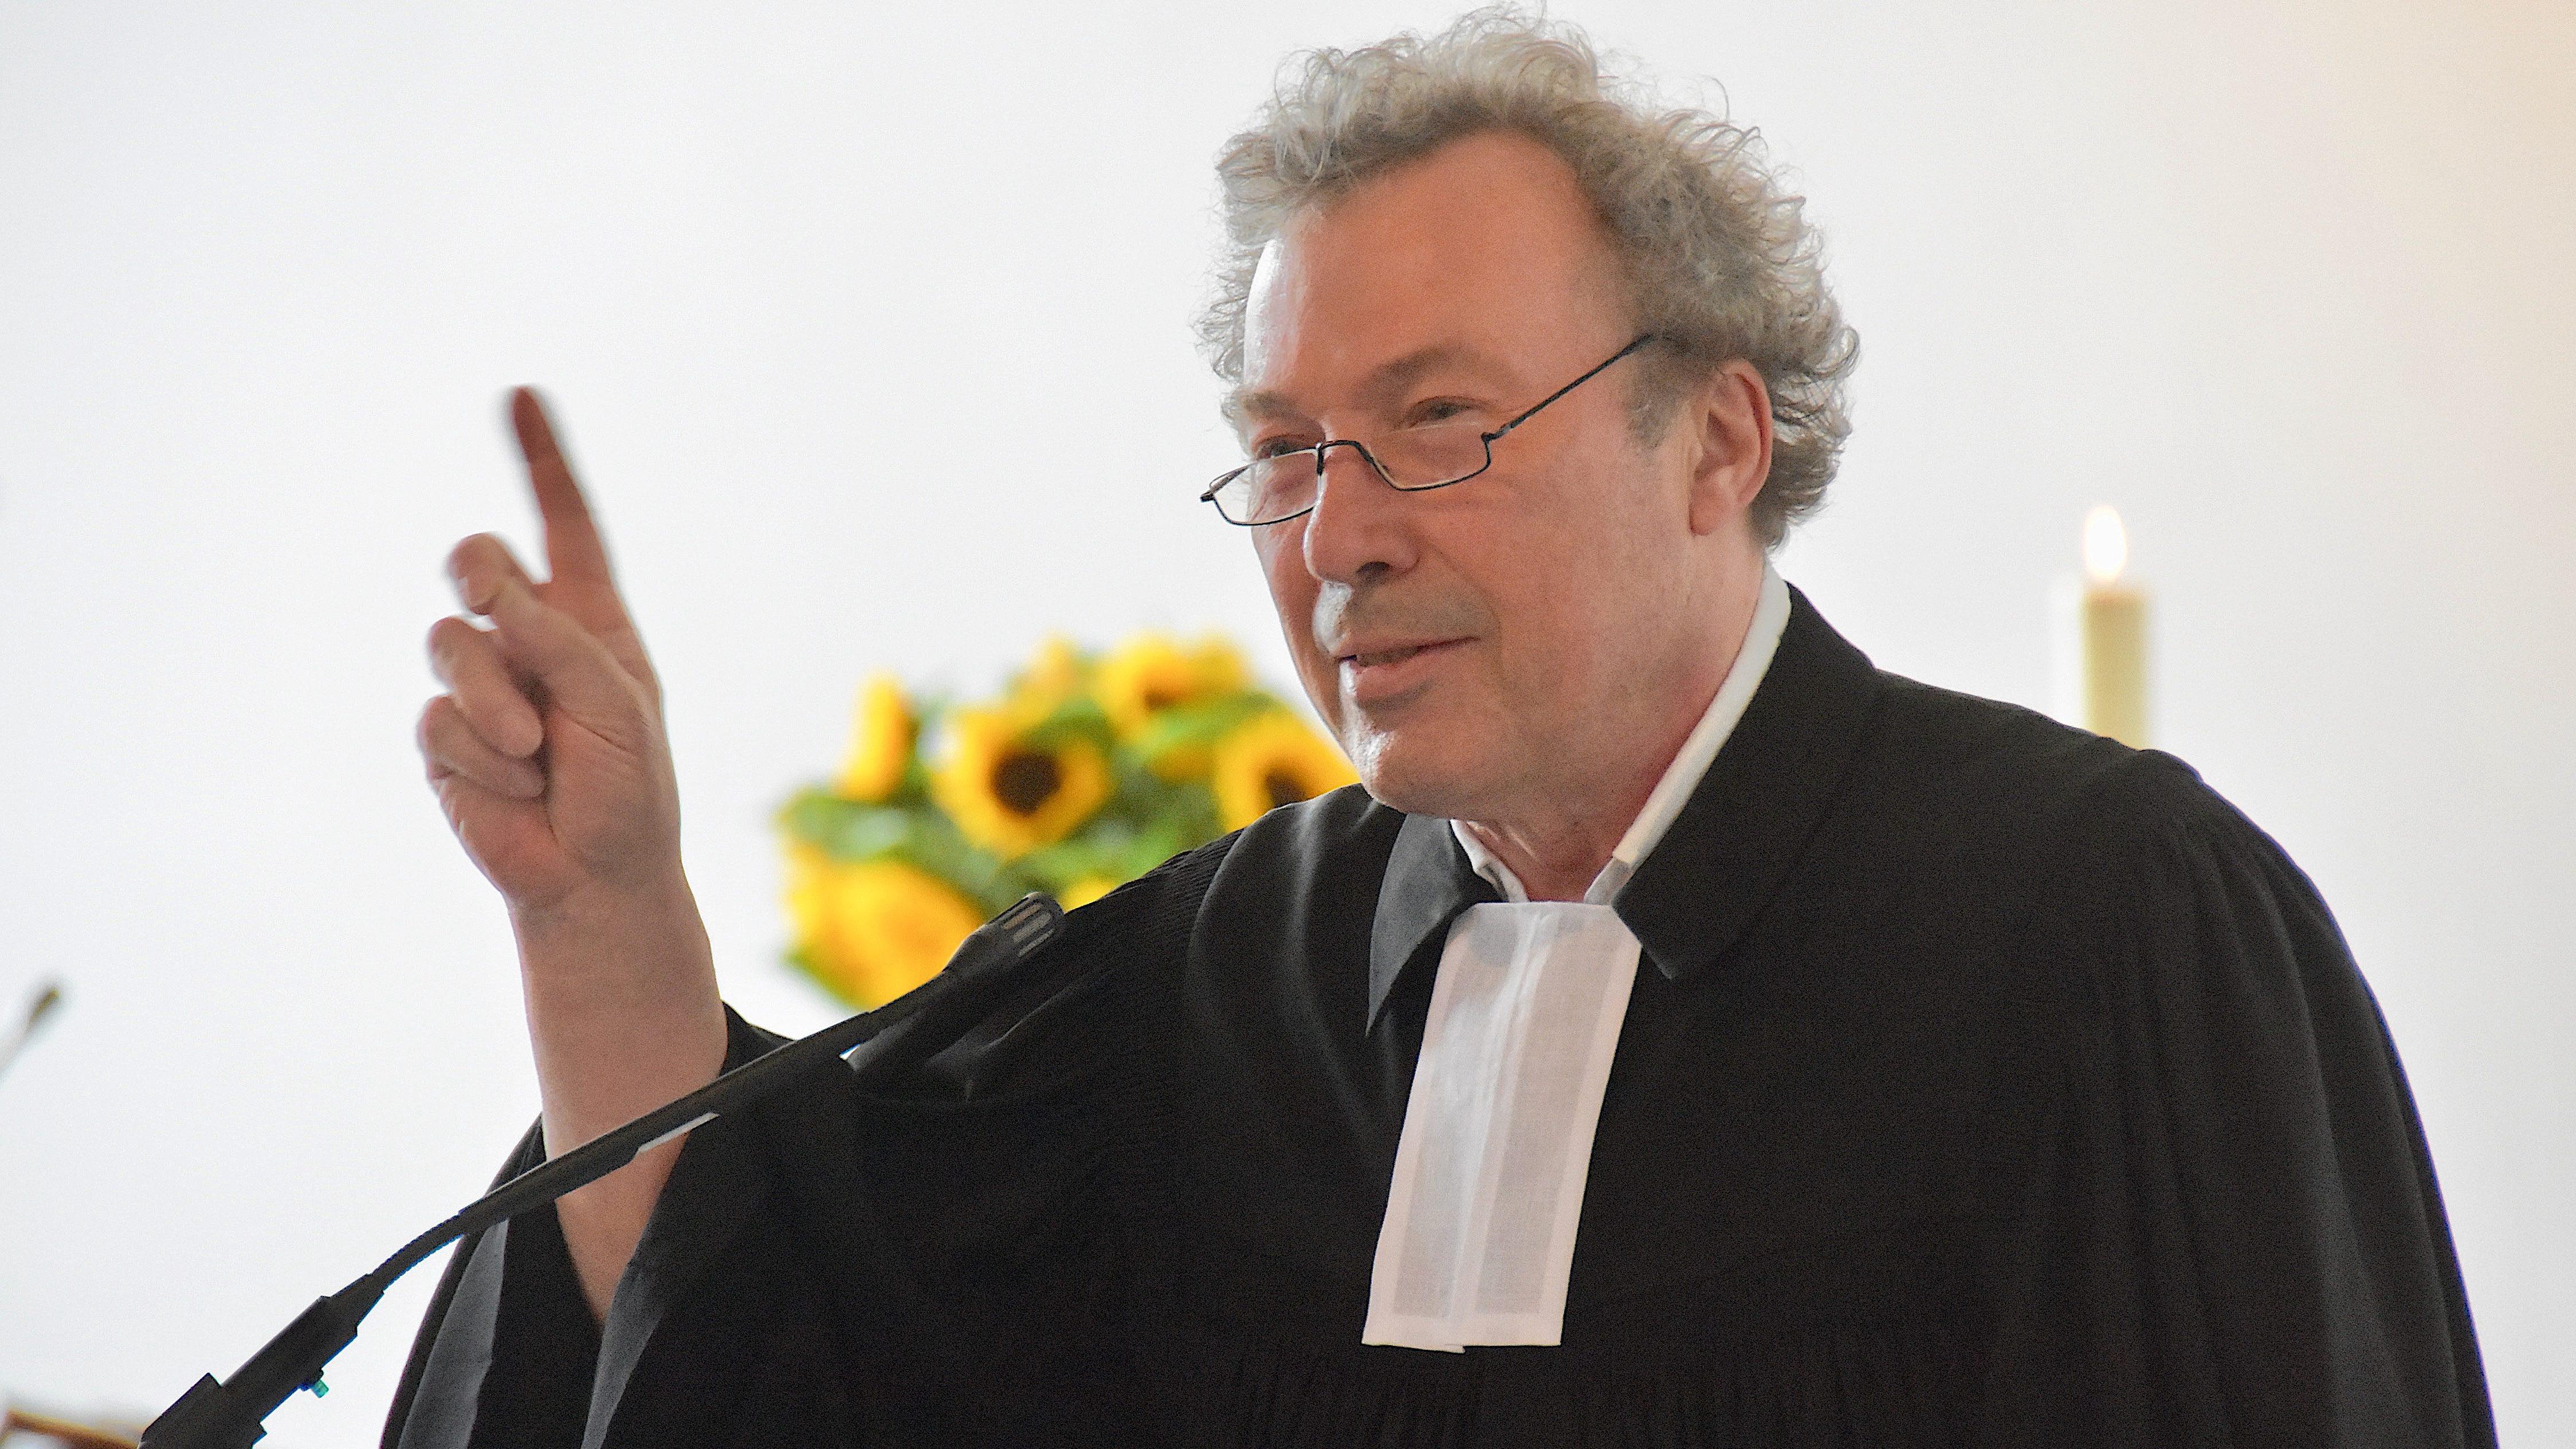 Ein feierlicher, wehmütiger und auch fröhlicher Abschied – Pfarrer Gerhard Johenneken ist nun im Ruhestand